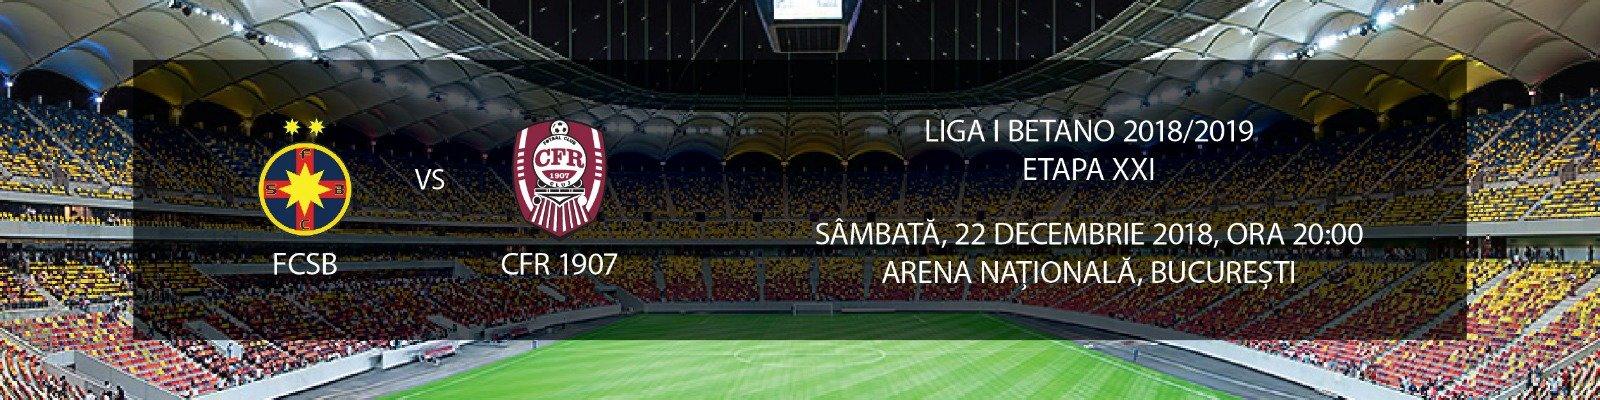 Fotbal Club FCSB - CFR 1907 Cluj (1 - 1) 29.04.2018  |Fcsb- Cfr Cluj